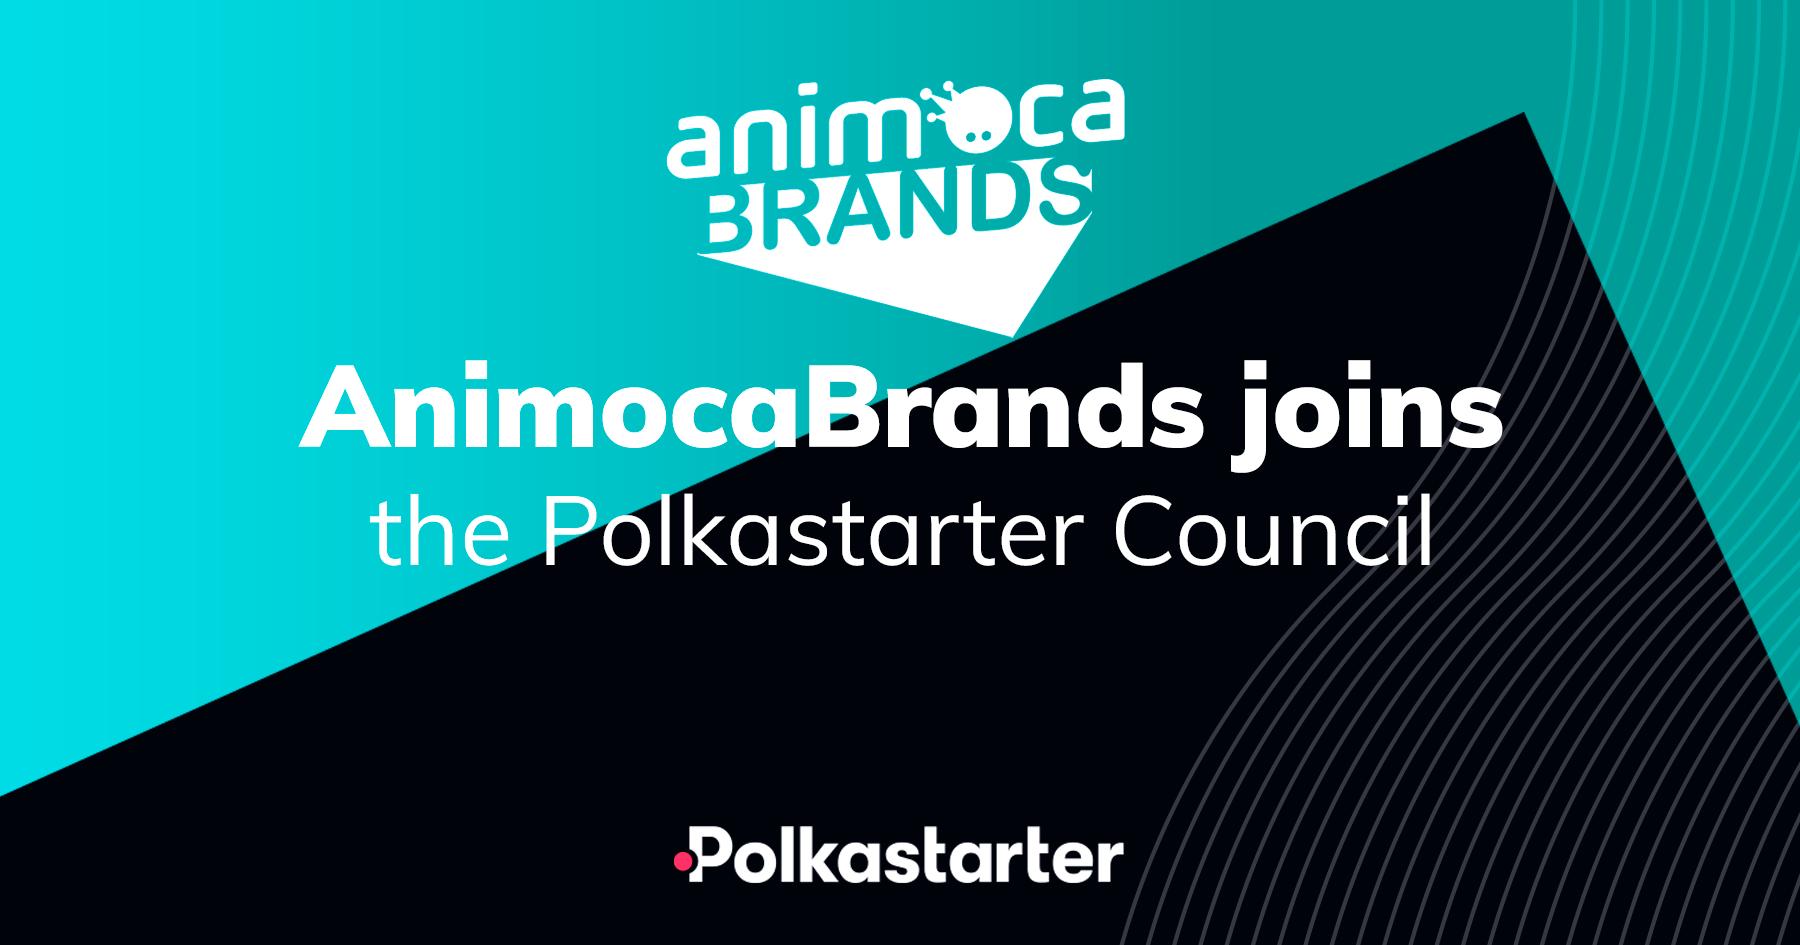 [PolkaStarter] Animoca Brands Joins the Polkastarter Council - AZCoin News